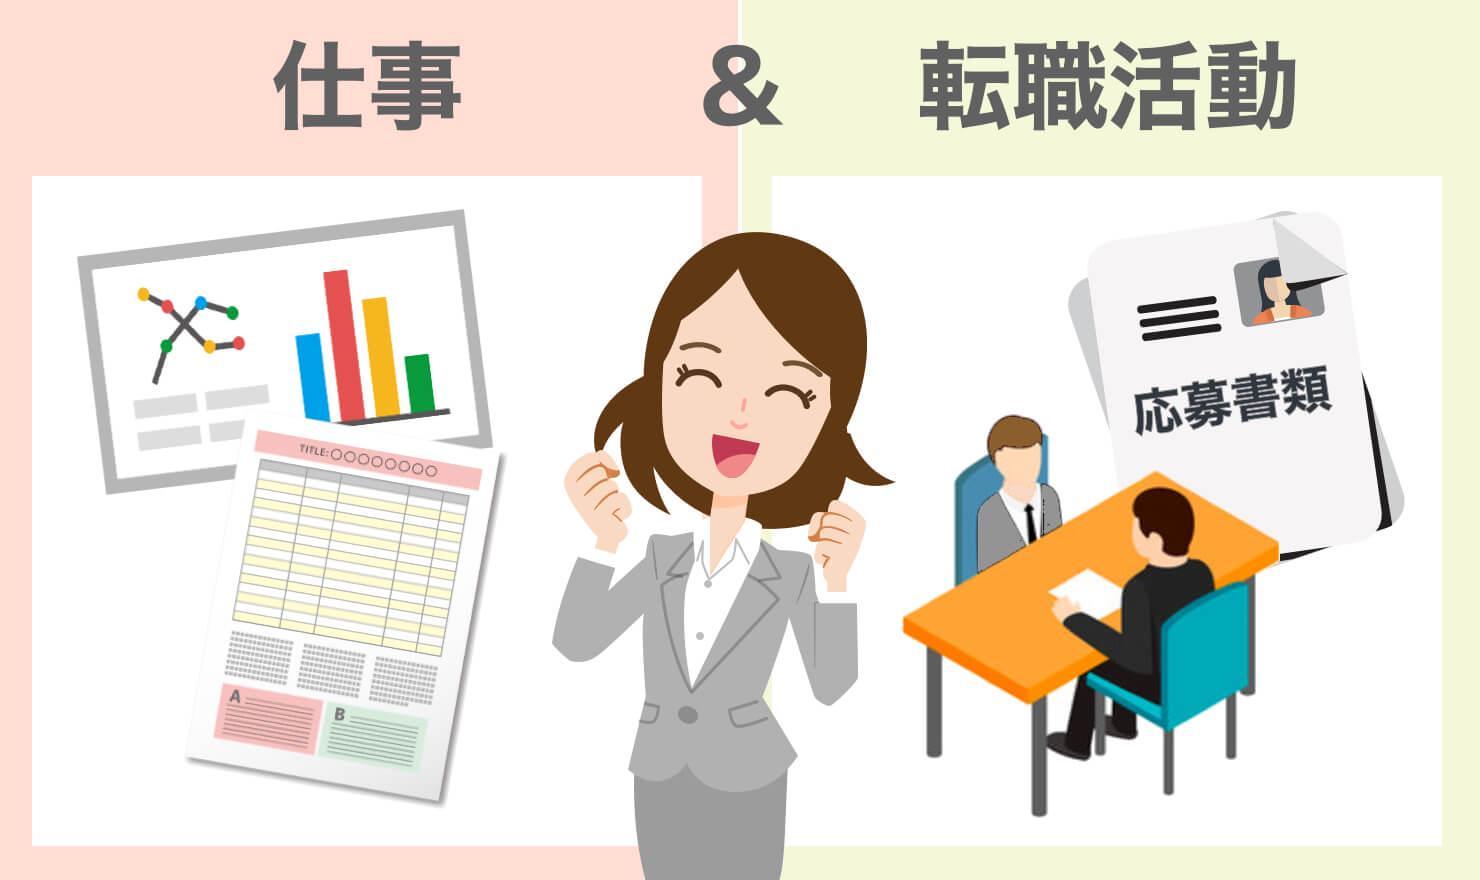 在職中に転職活動をしたい方必見!転職成功のためのコツを紹介